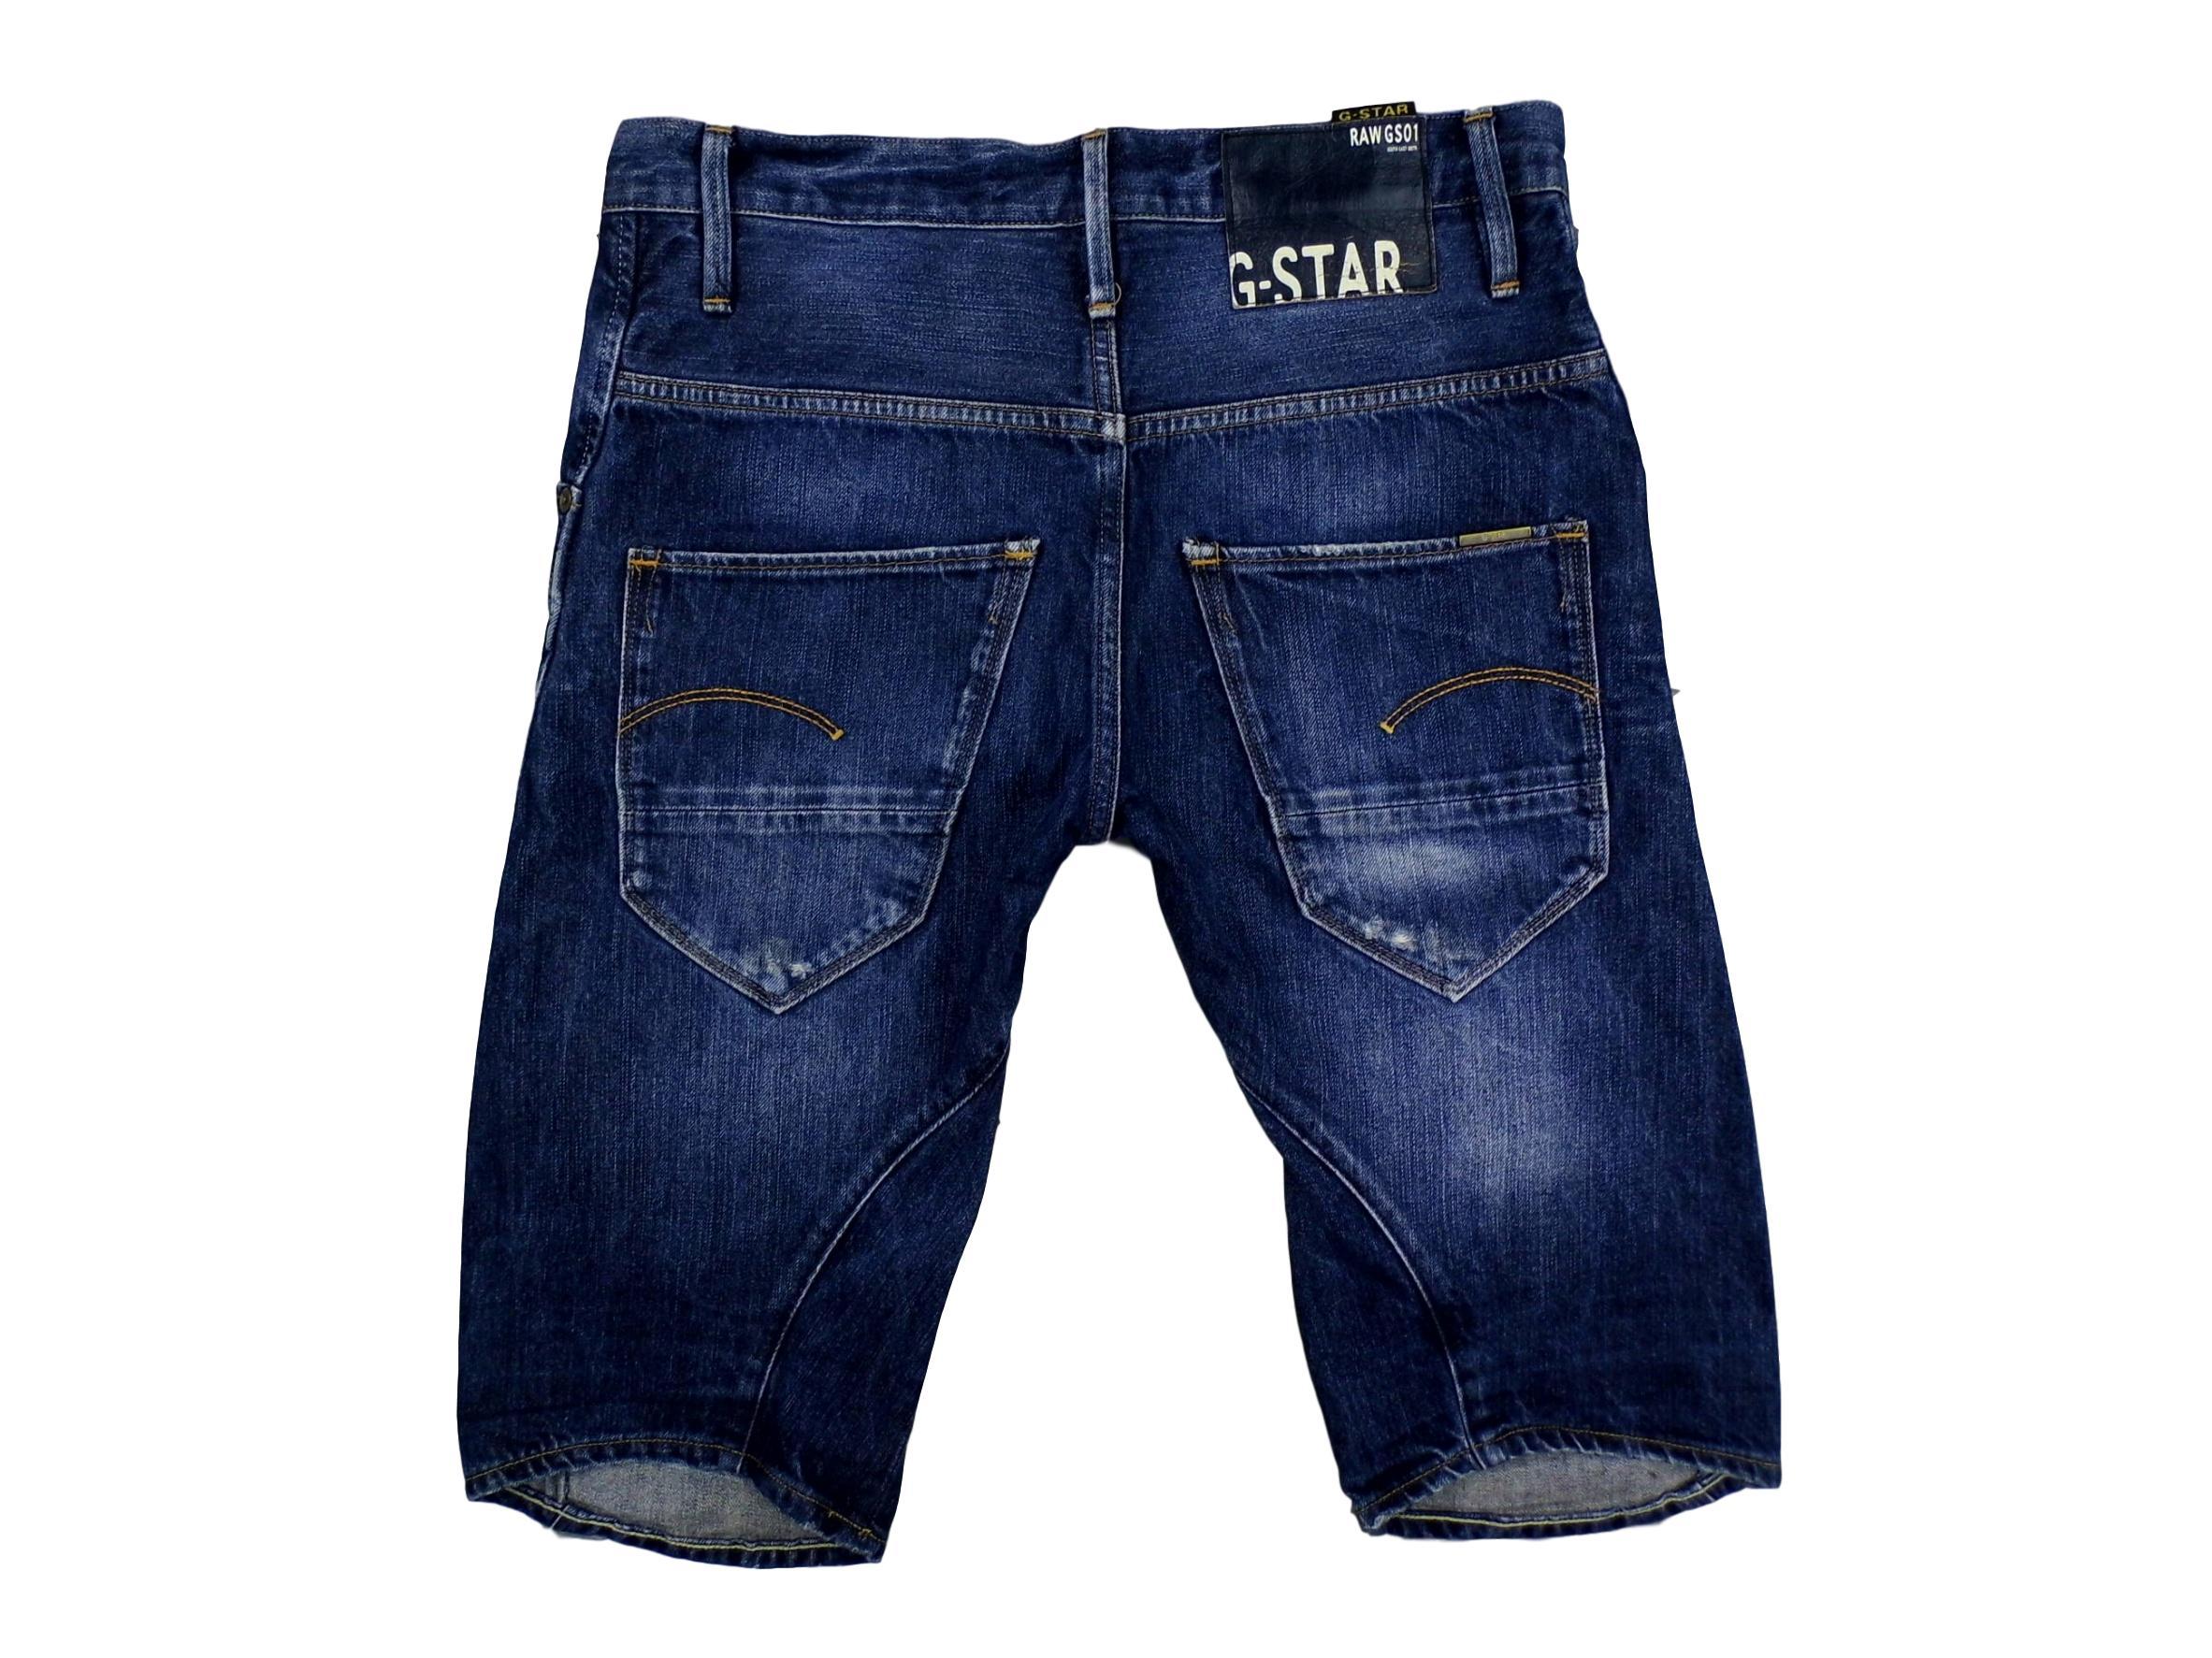 G-STAR ARC 3D SZORTY SPODENKI BERMUDY W30 pas80